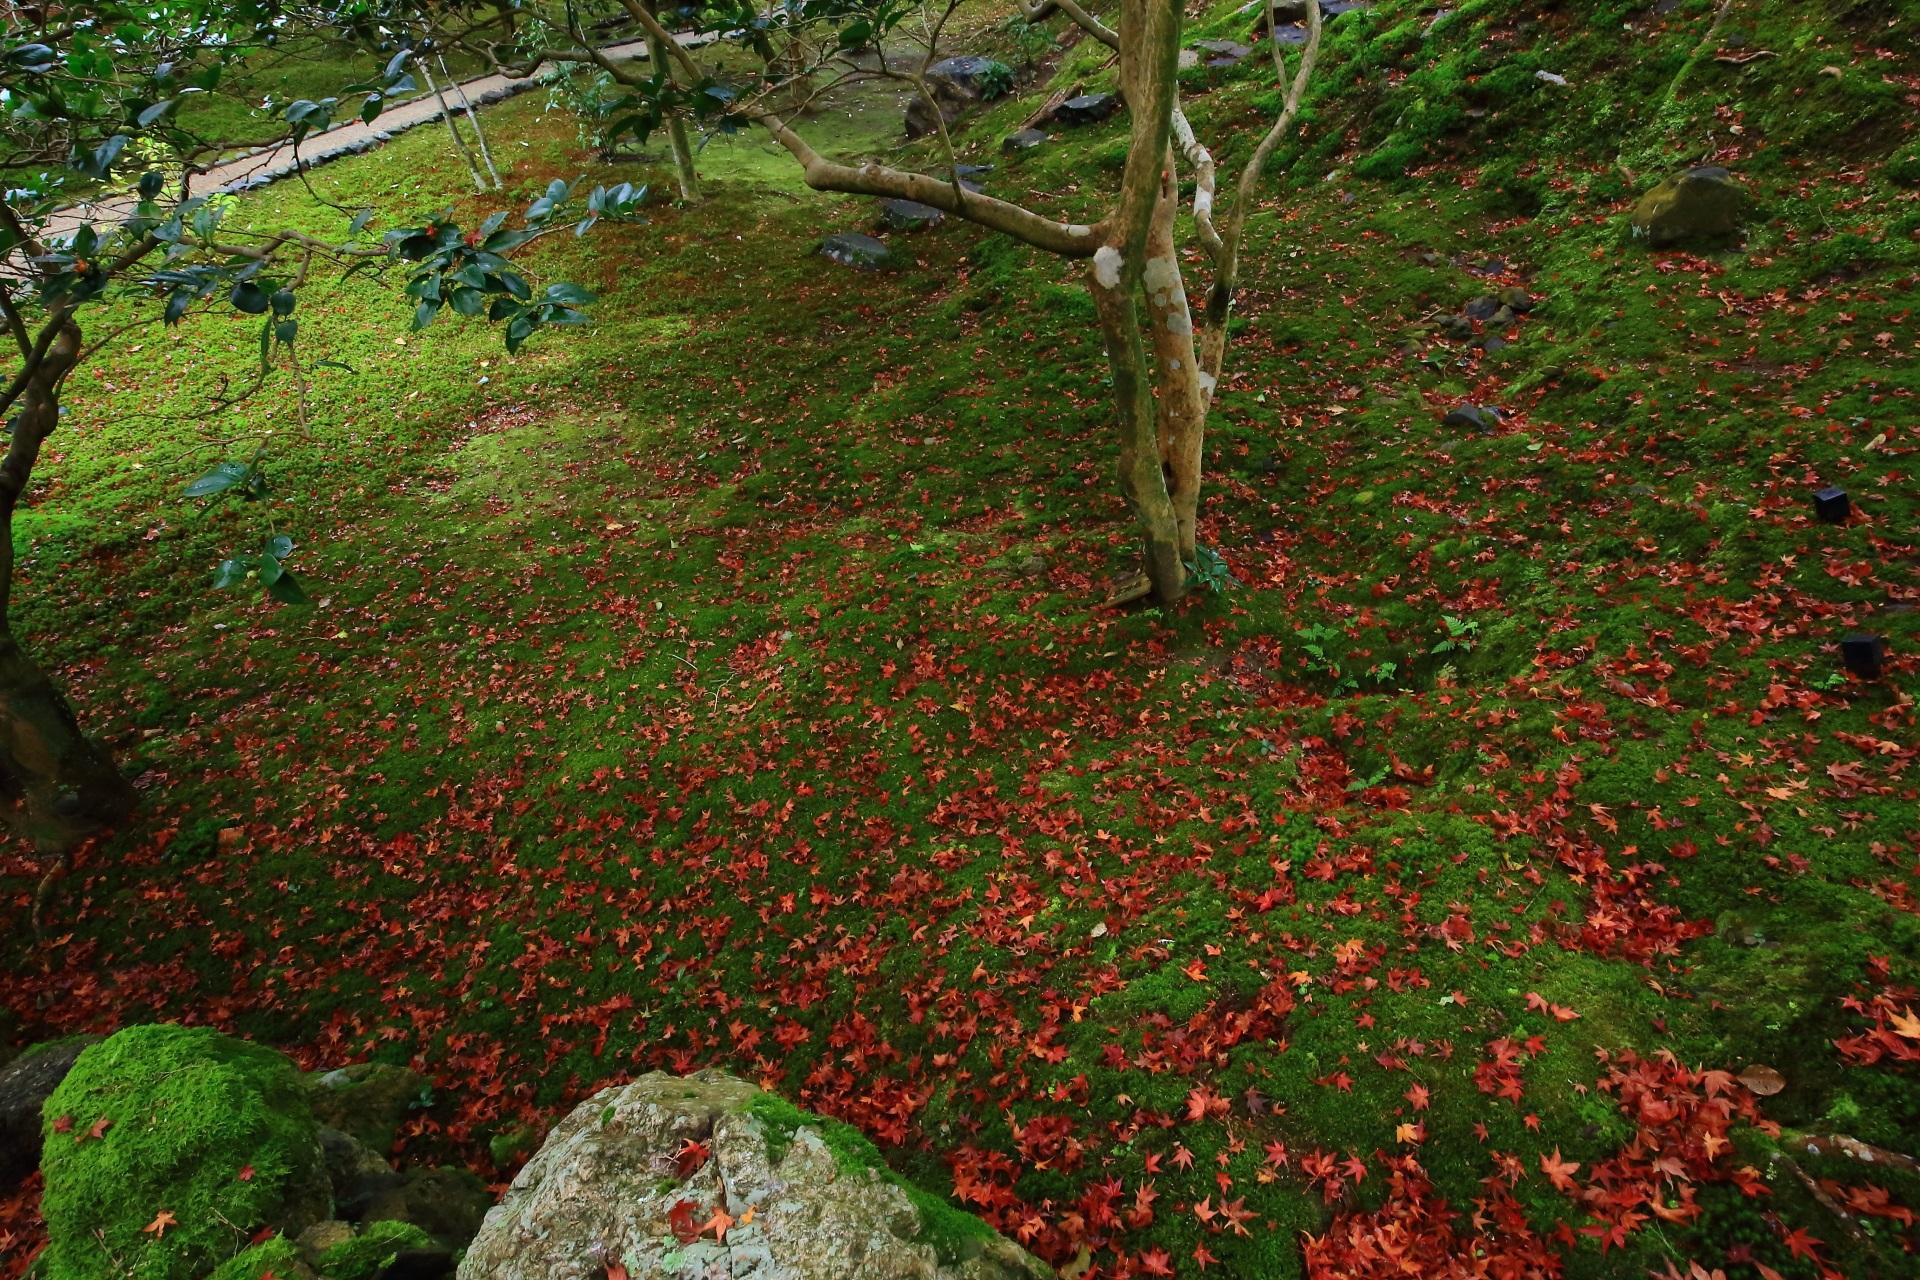 広がる苔と一面を華やぐ散り紅葉